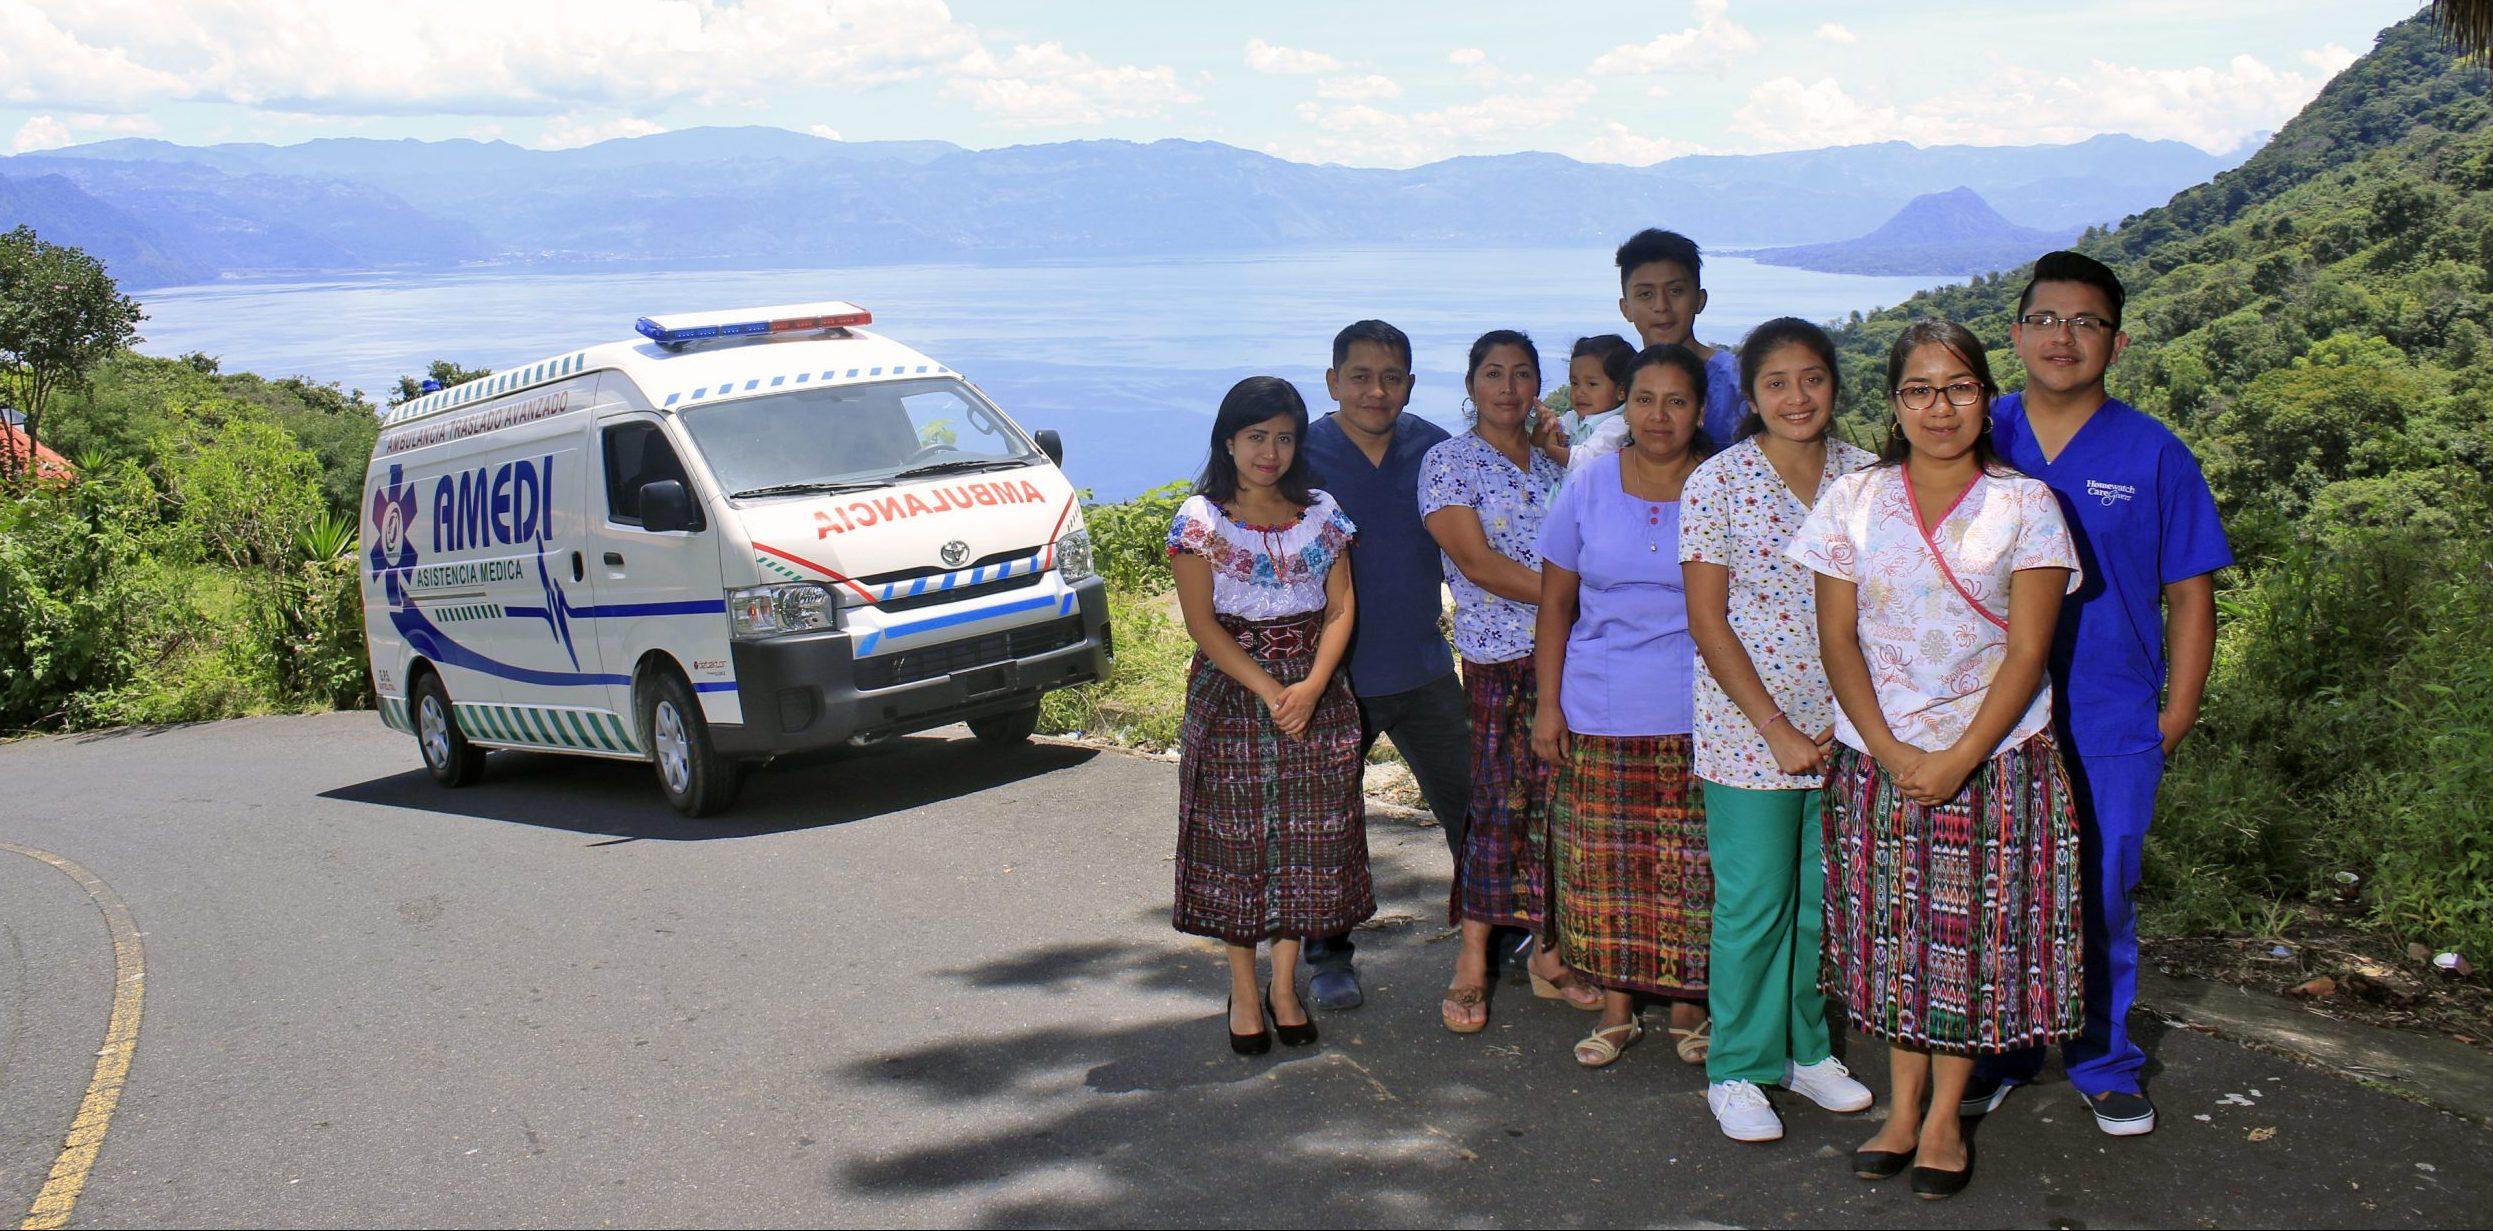 ambulance guatemala